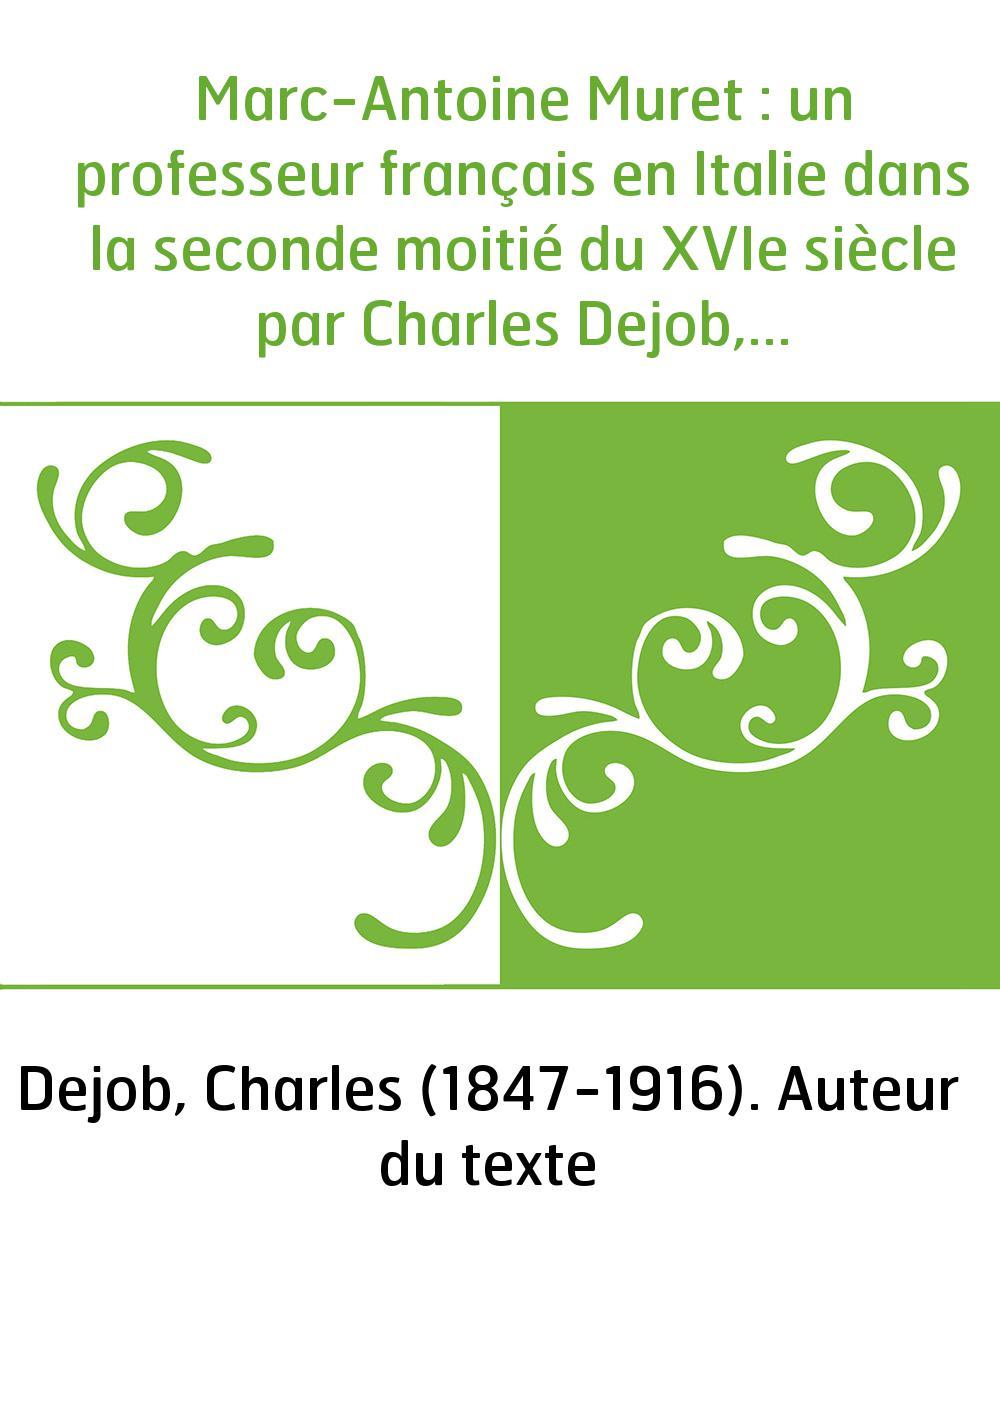 Marc-Antoine Muret : un professeur français en Italie dans la seconde moitié du XVIe siècle par Charles Dejob,...